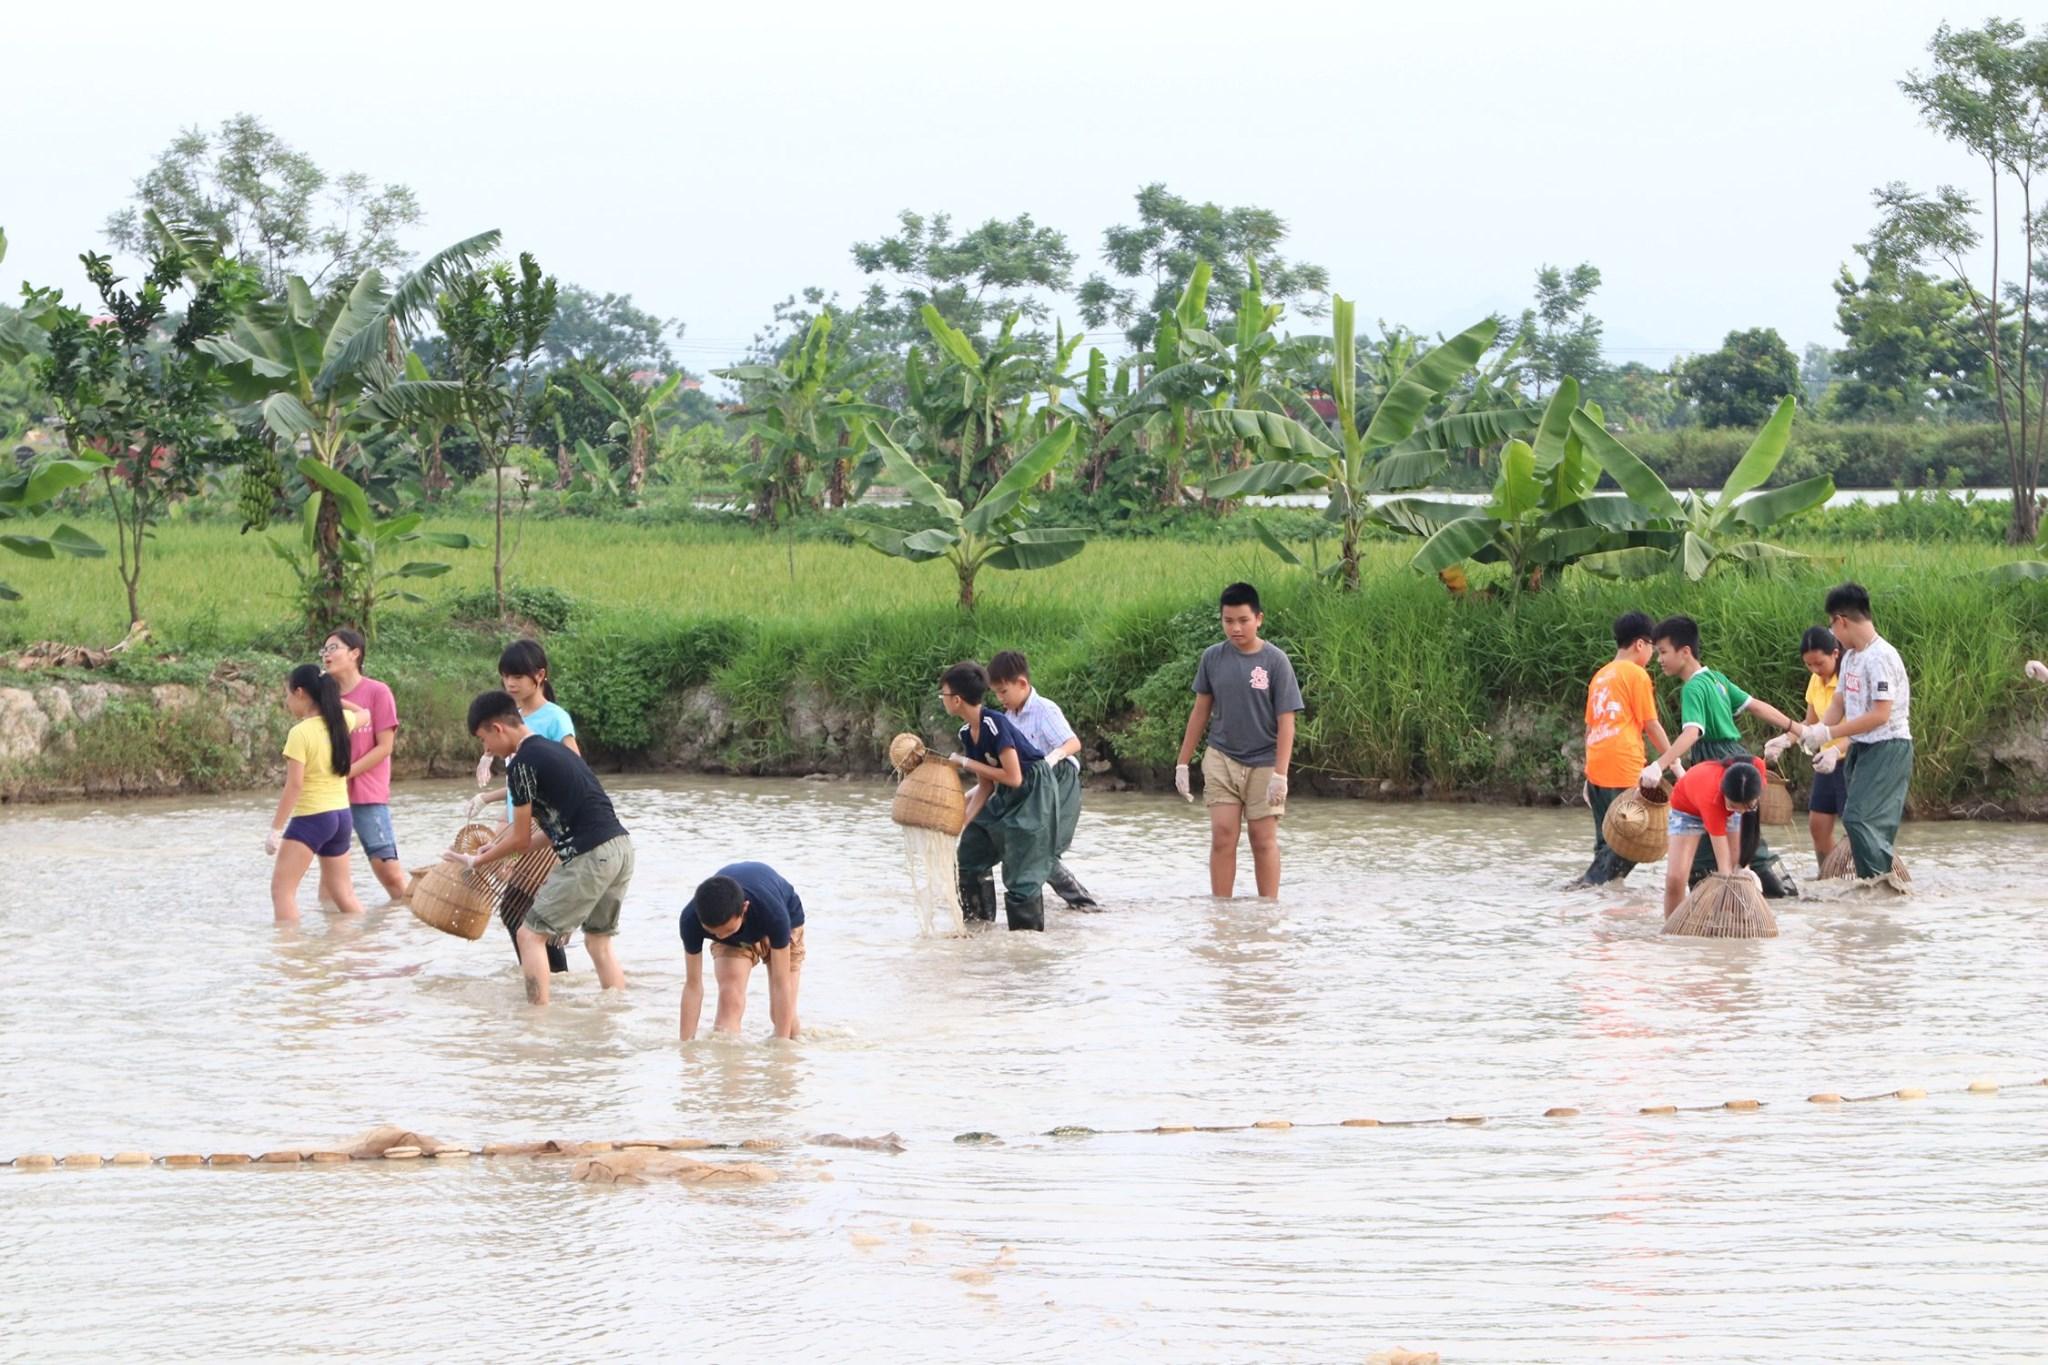 Chương trình học tập trải nghiệm tại Nhà Diều, Trầm Lộng, Ứng Hòa, Hà Nội